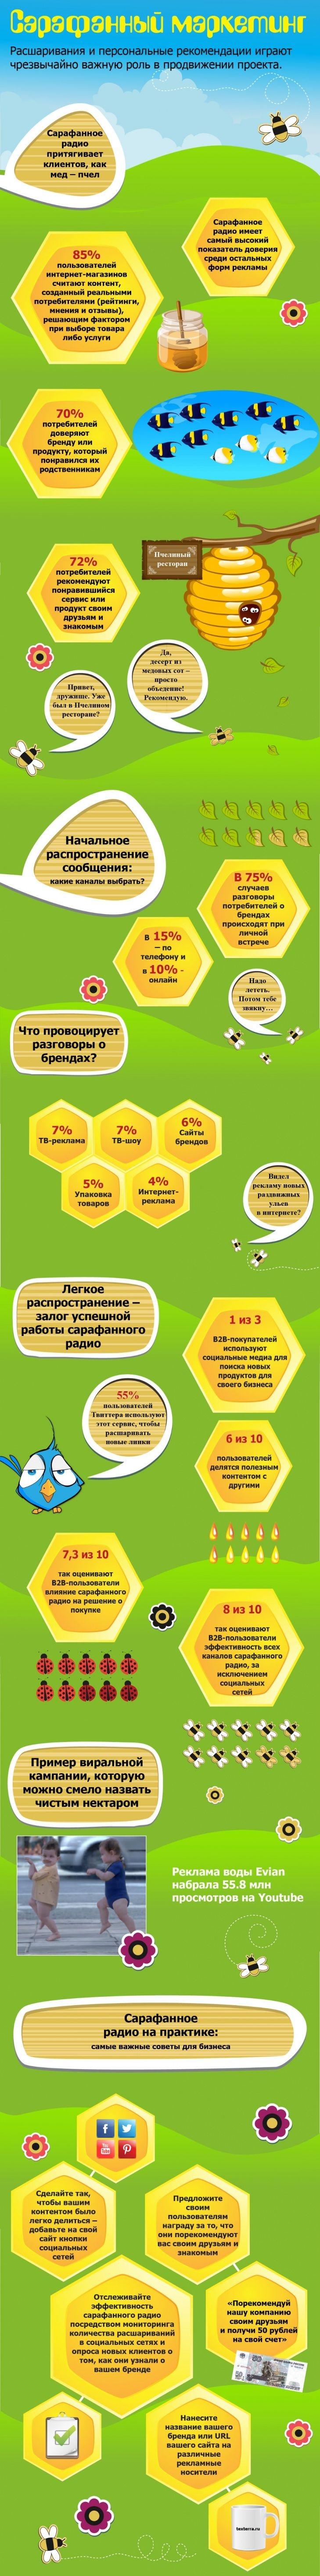 Инфографика: Сарафанный маркетинг